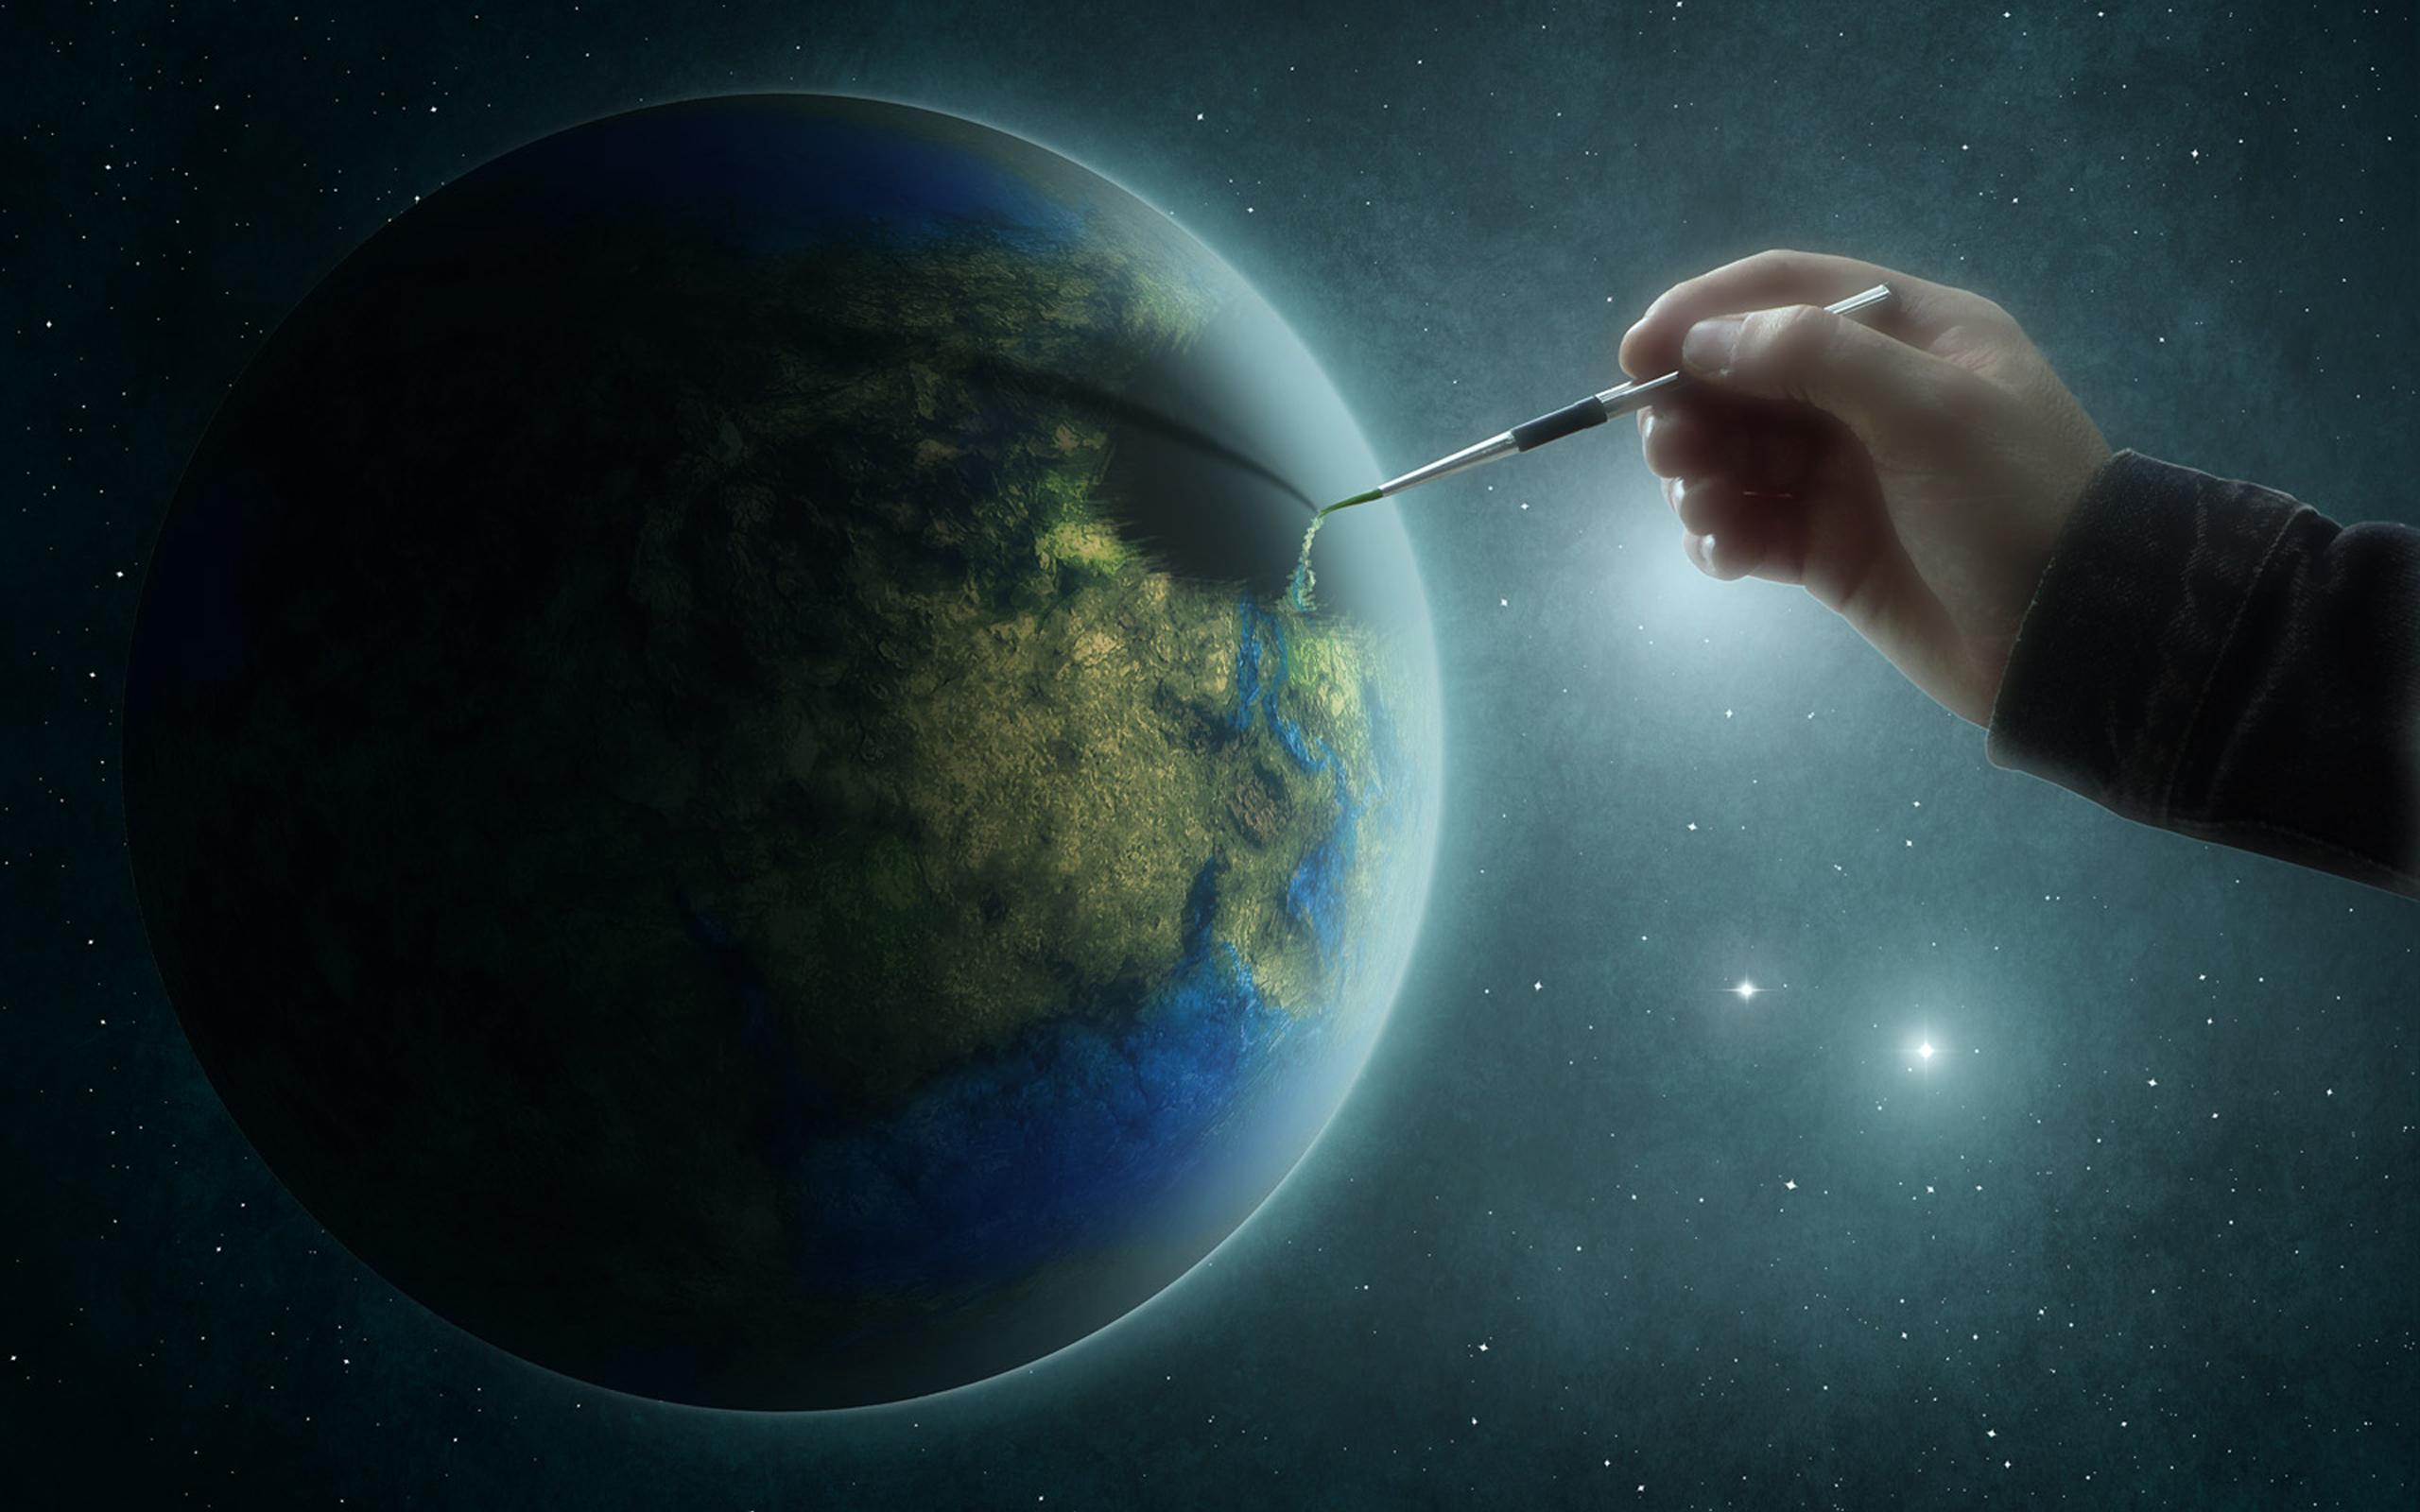 планета для жизни картинки задача